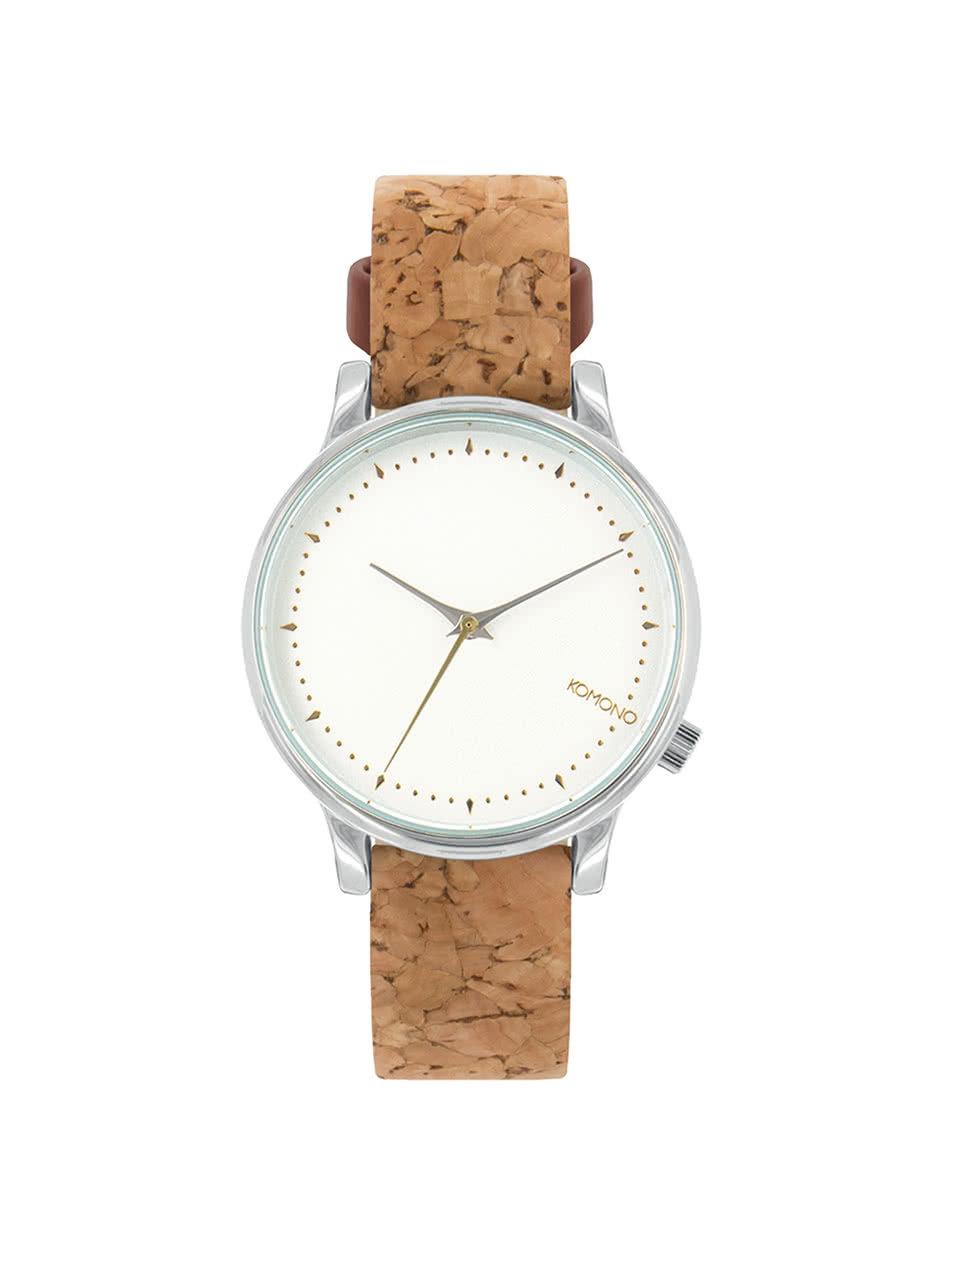 Dámské hodinky ve stříbrné barvě s hnědým korkovým páskem Komono Estelle ... d6bdf95bf8